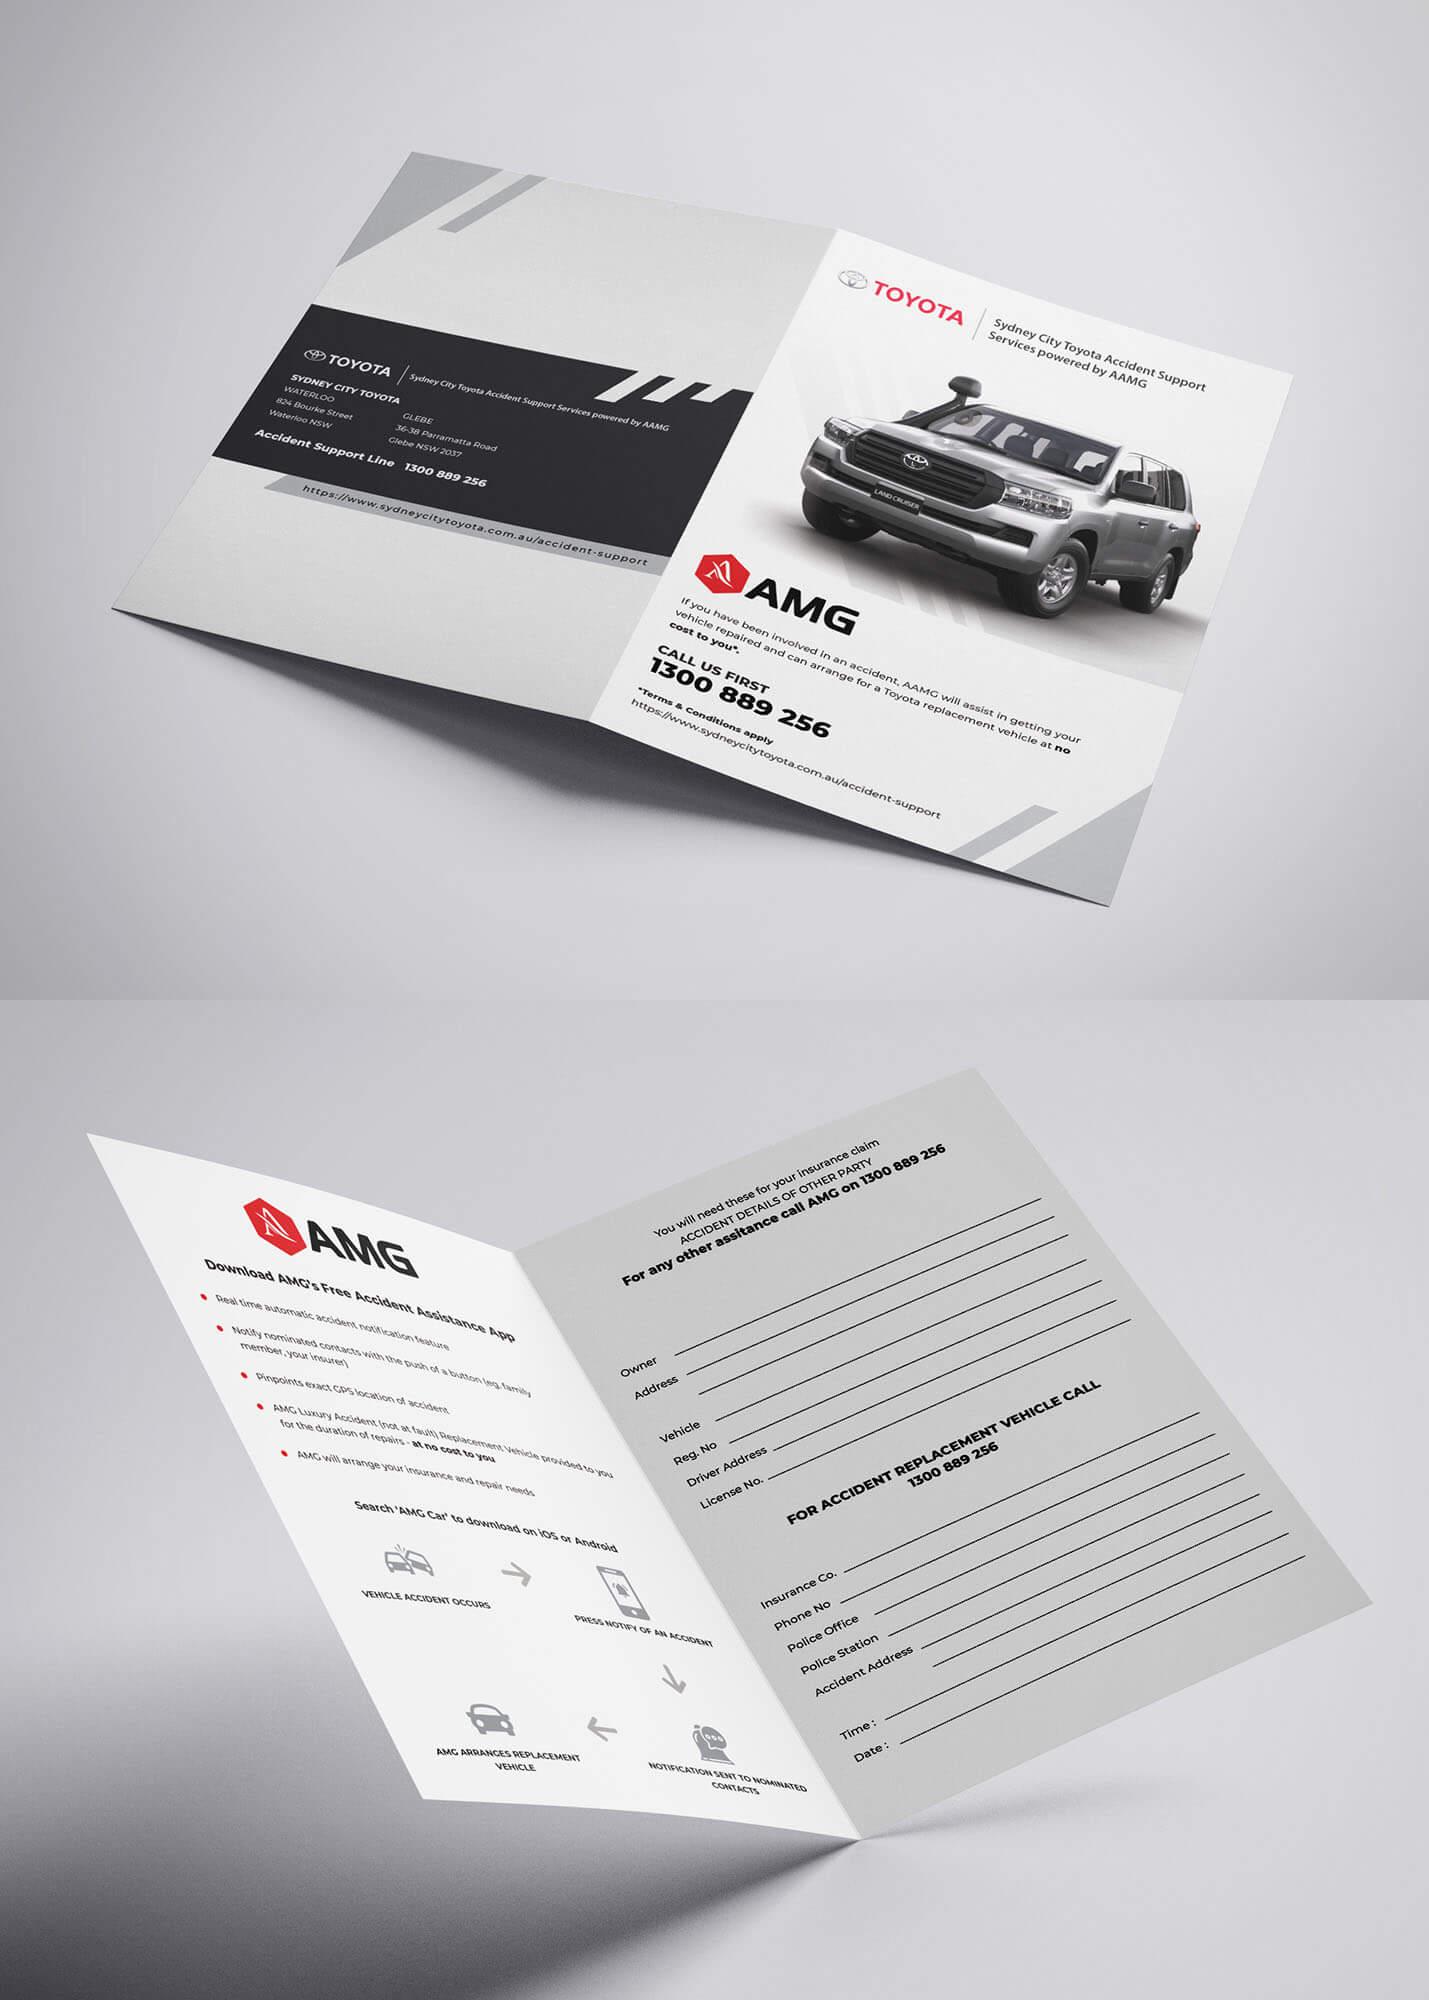 AMG Toyota Sydney